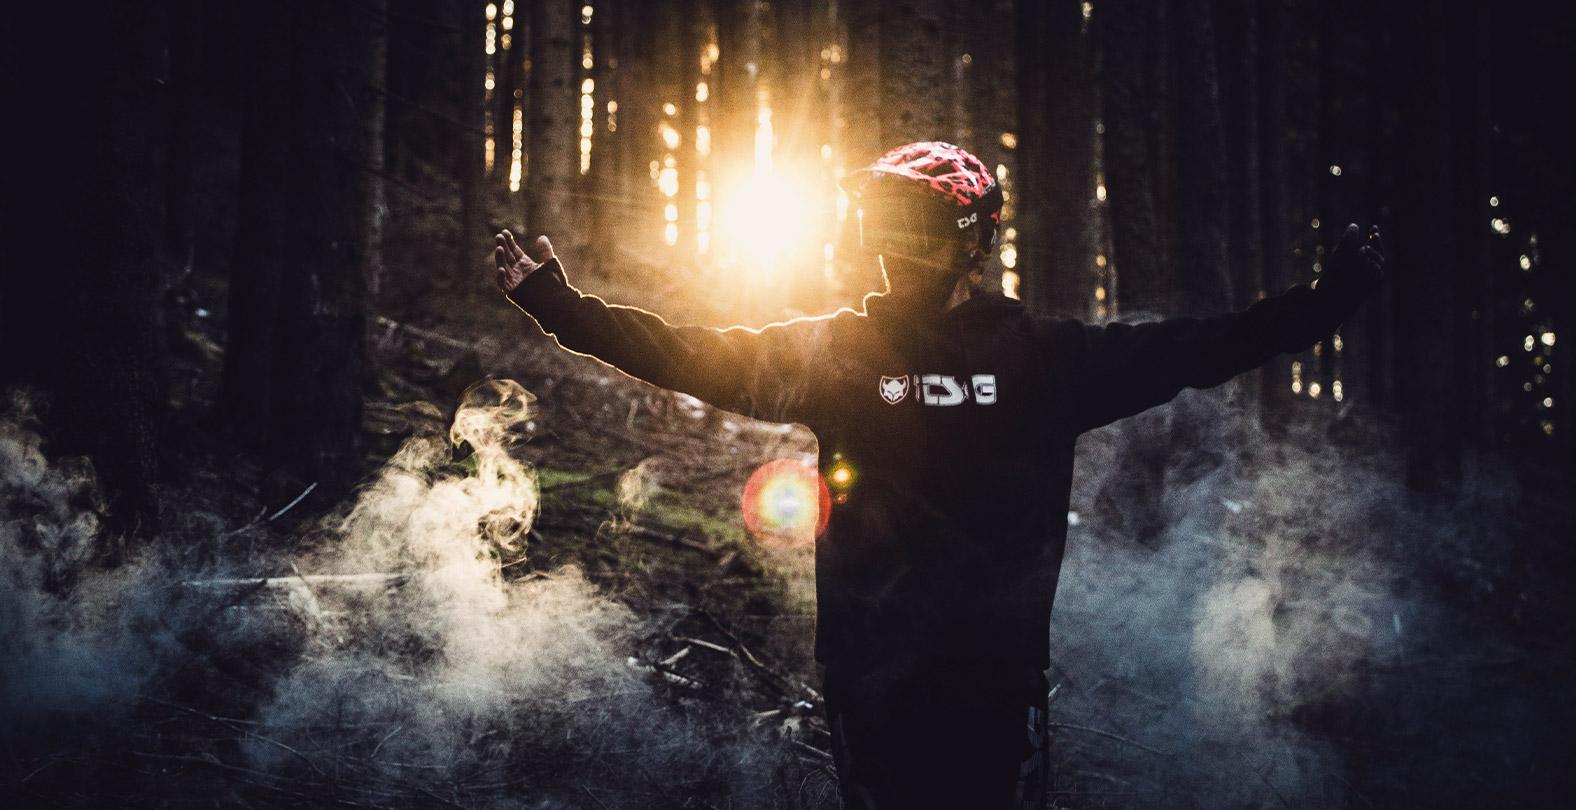 TSG Ridere Hannes Klausner